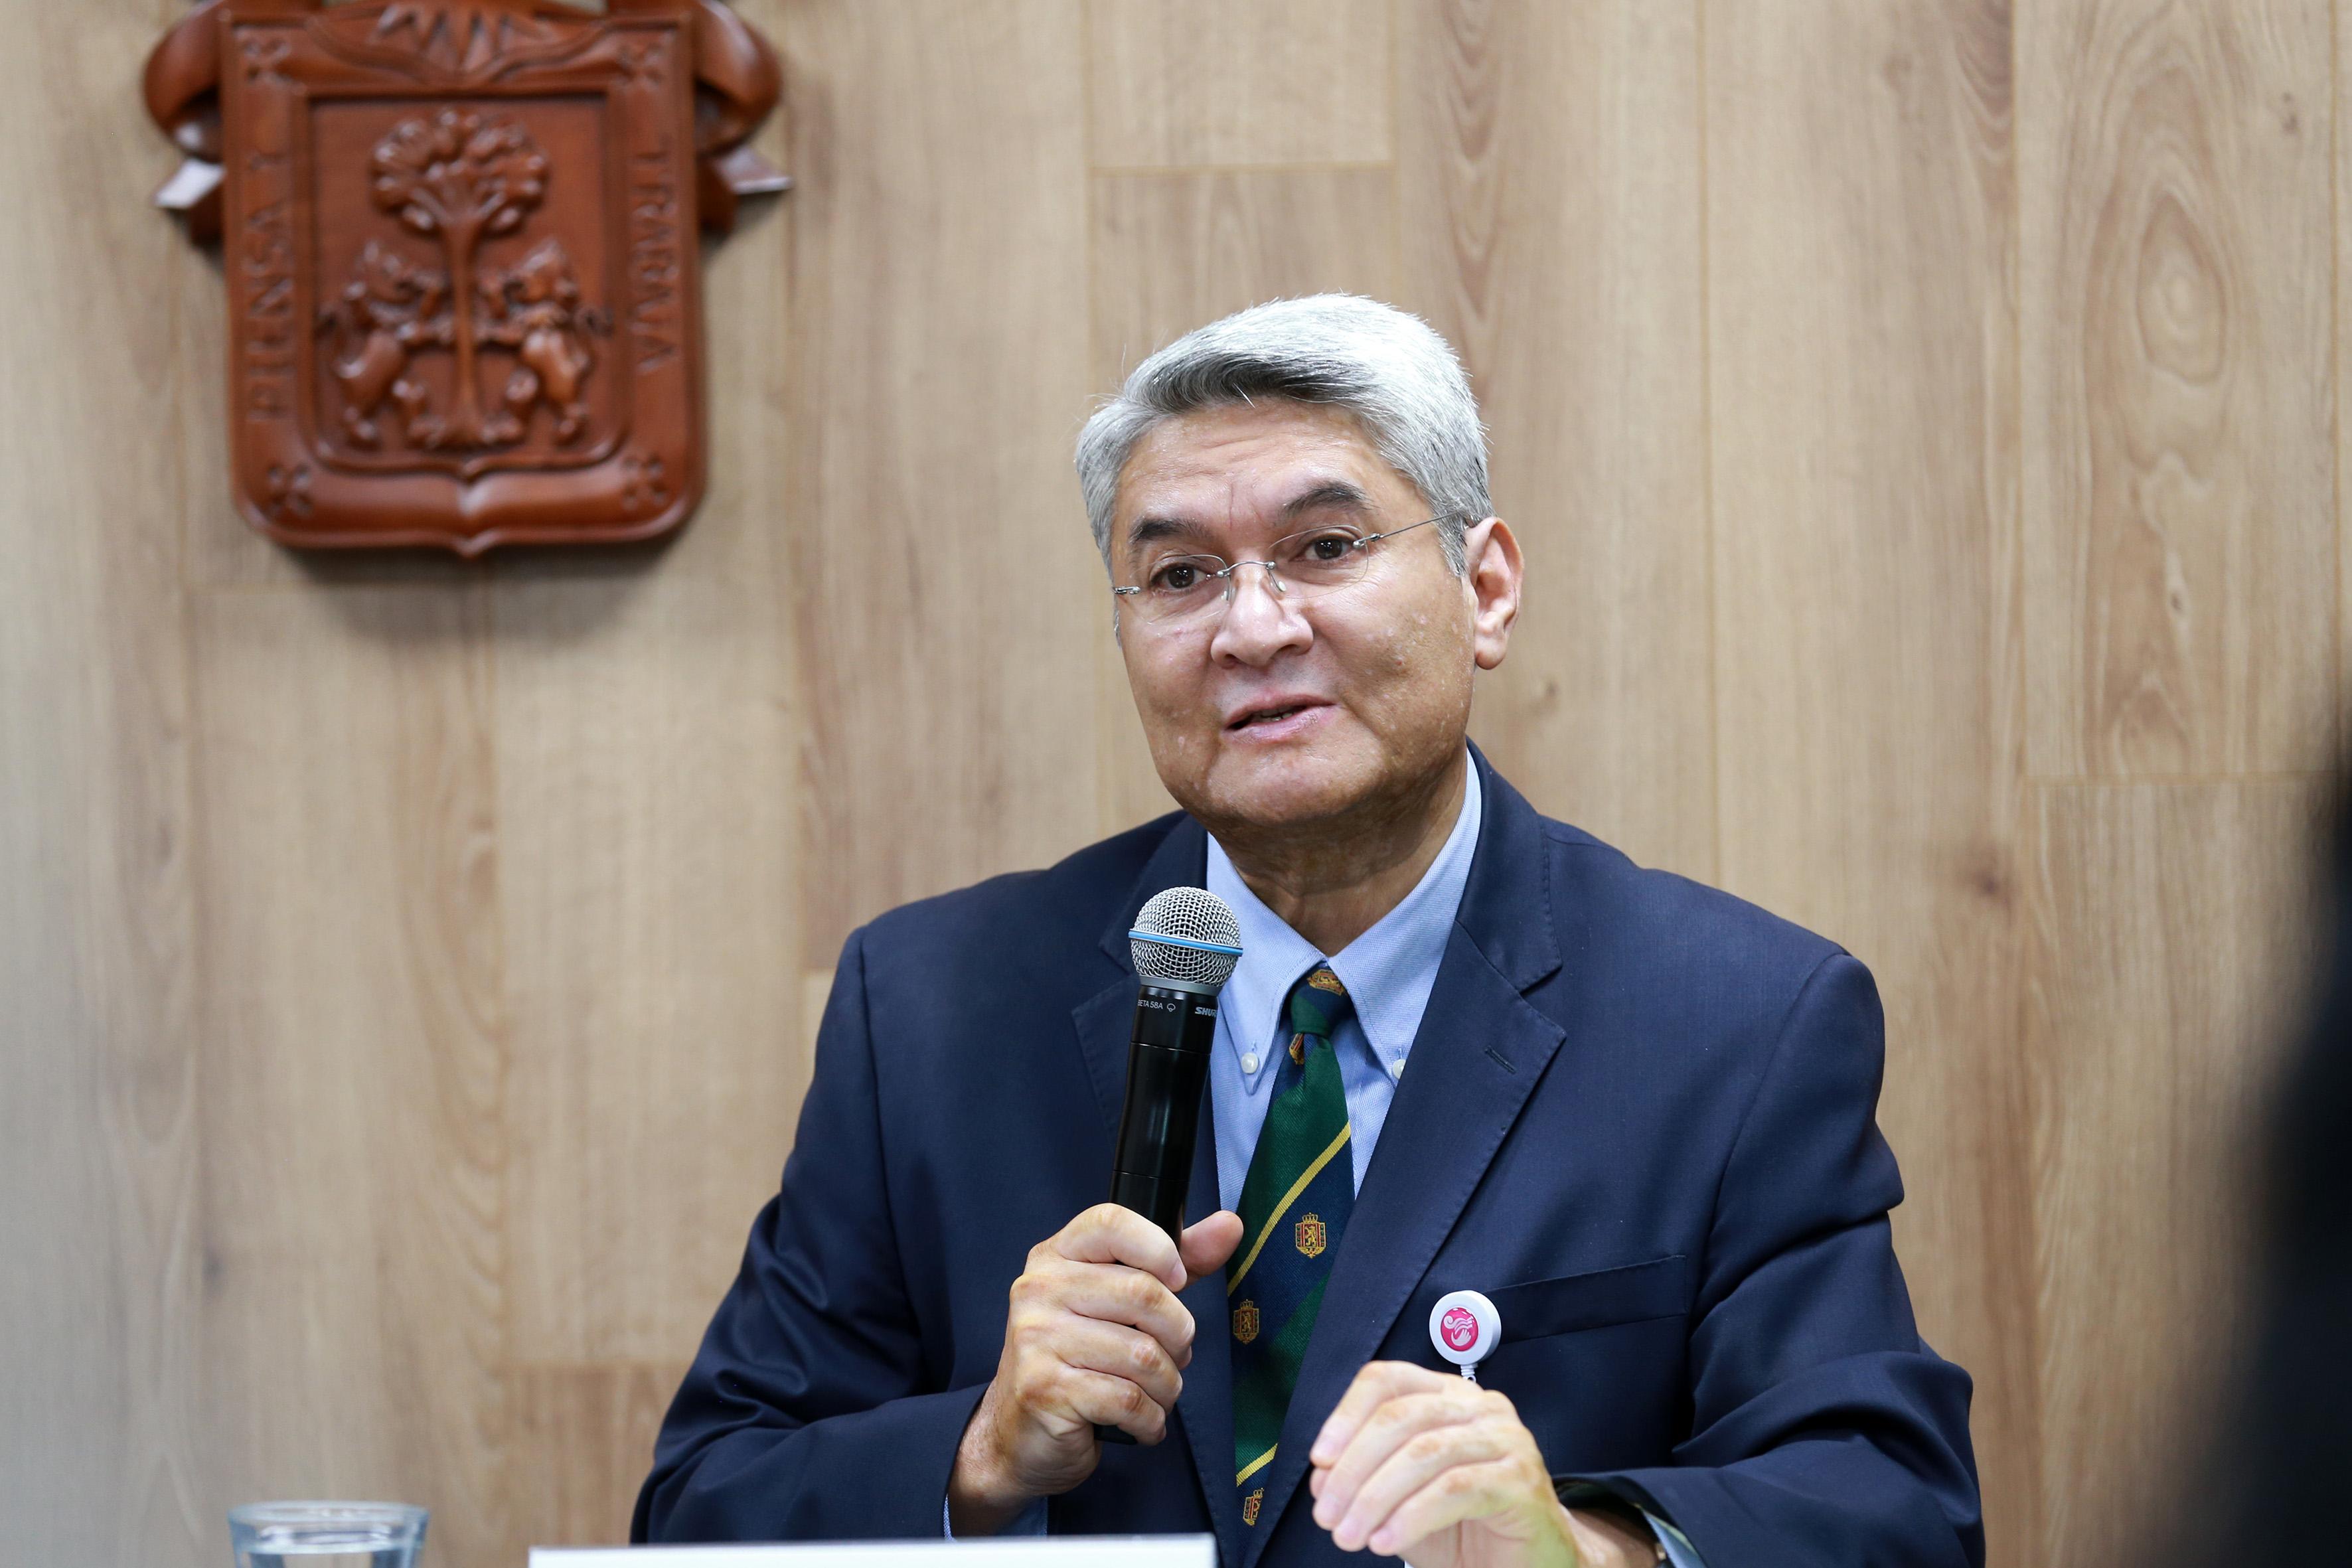 Dr. Rodrigo Ramos Zúñiga exponiendo durante la rueda de prensa, foto individual